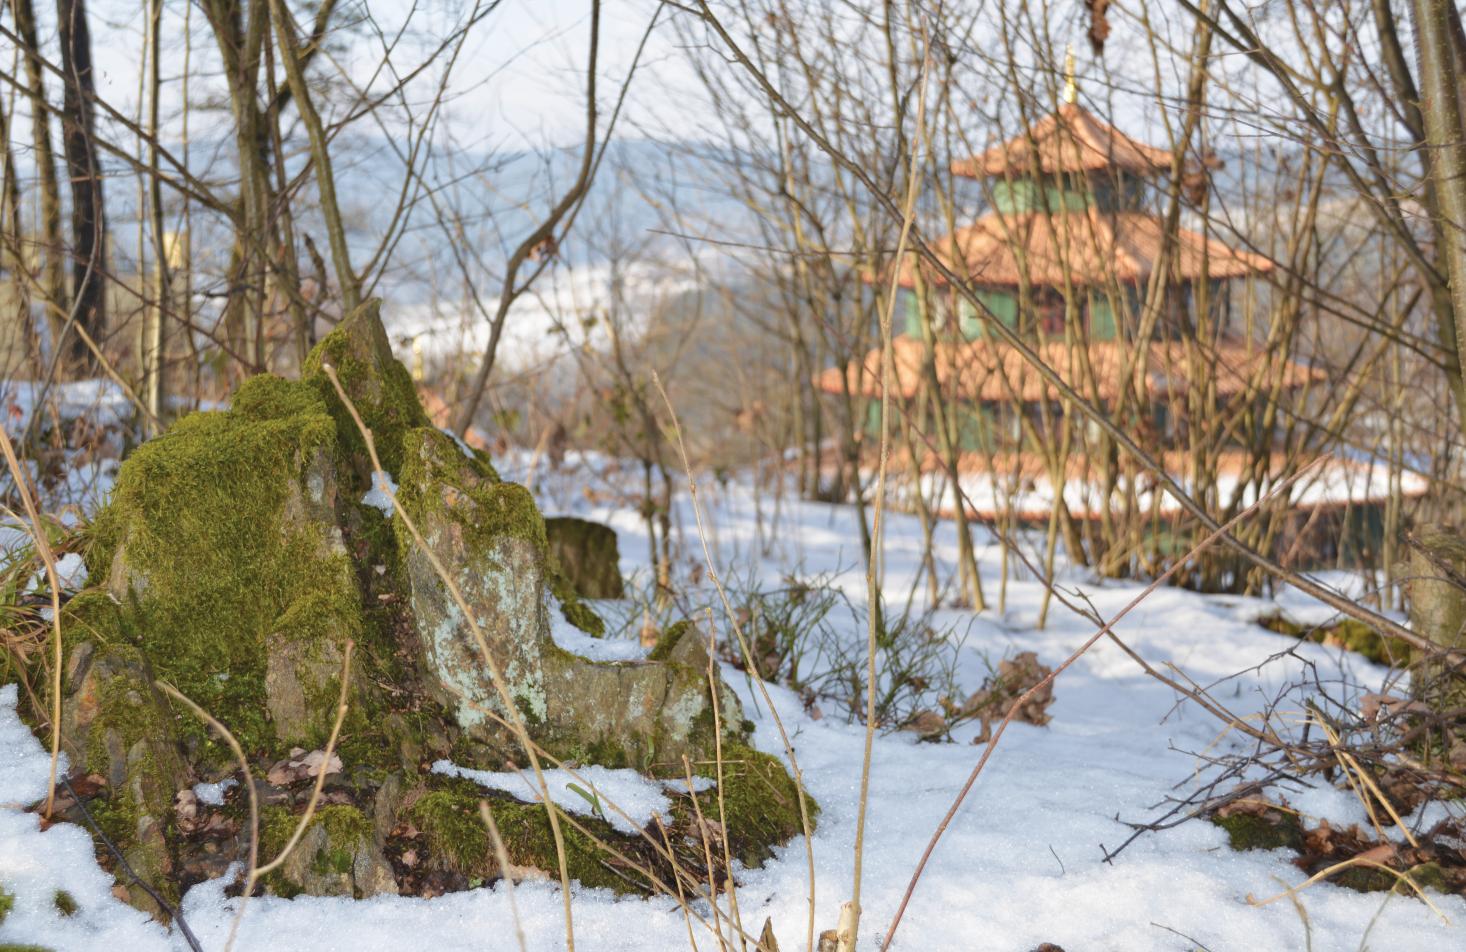 Hier, in diesem kleinen Baum-Schloss, wohnt ein Elfenvolk